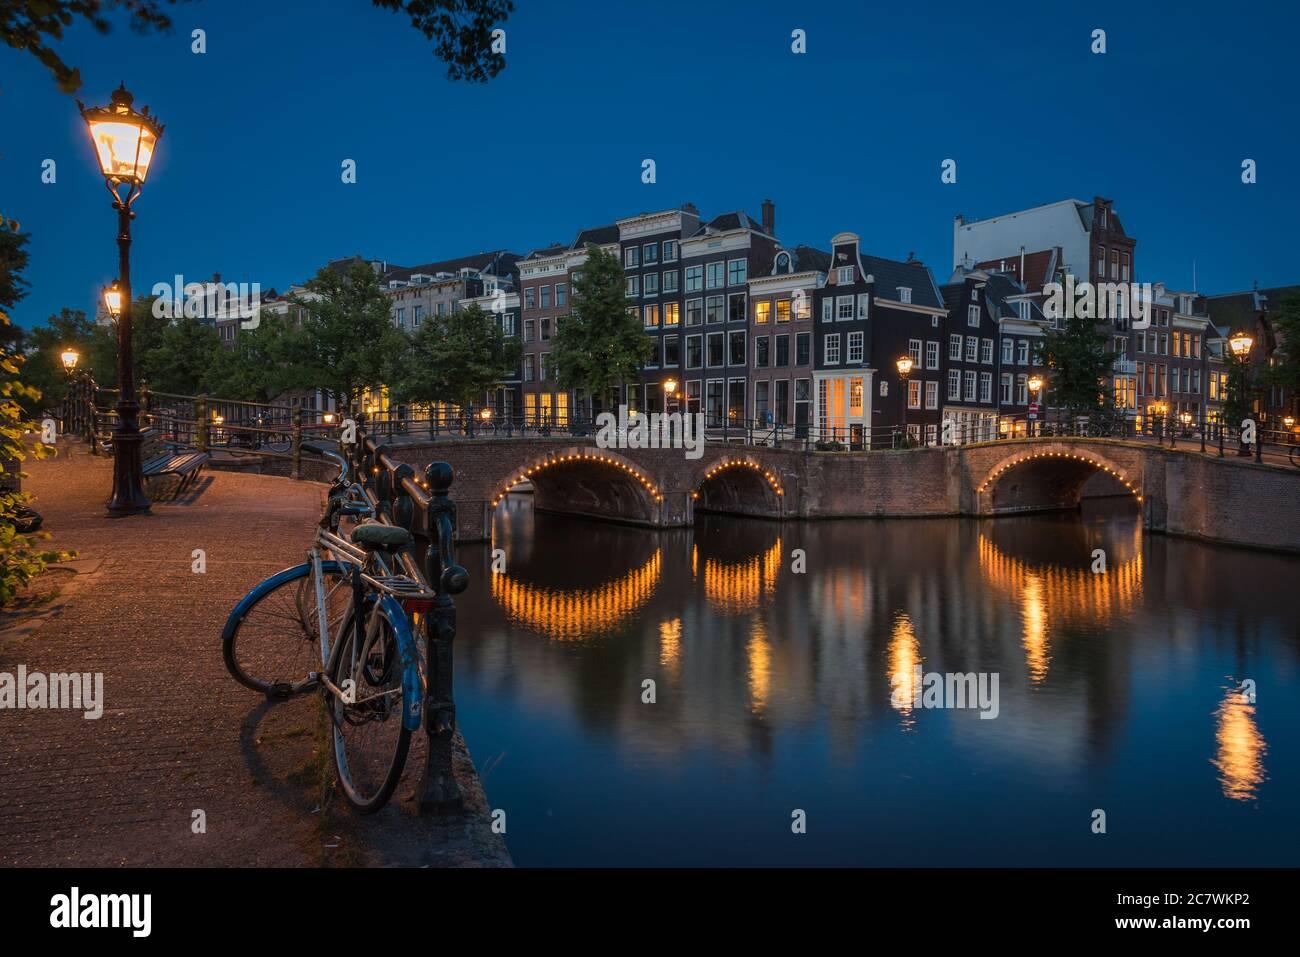 Le vélo solitaire à côté des canaux la nuit dans l'illuminé Amsterdam, pays-Bas Banque D'Images